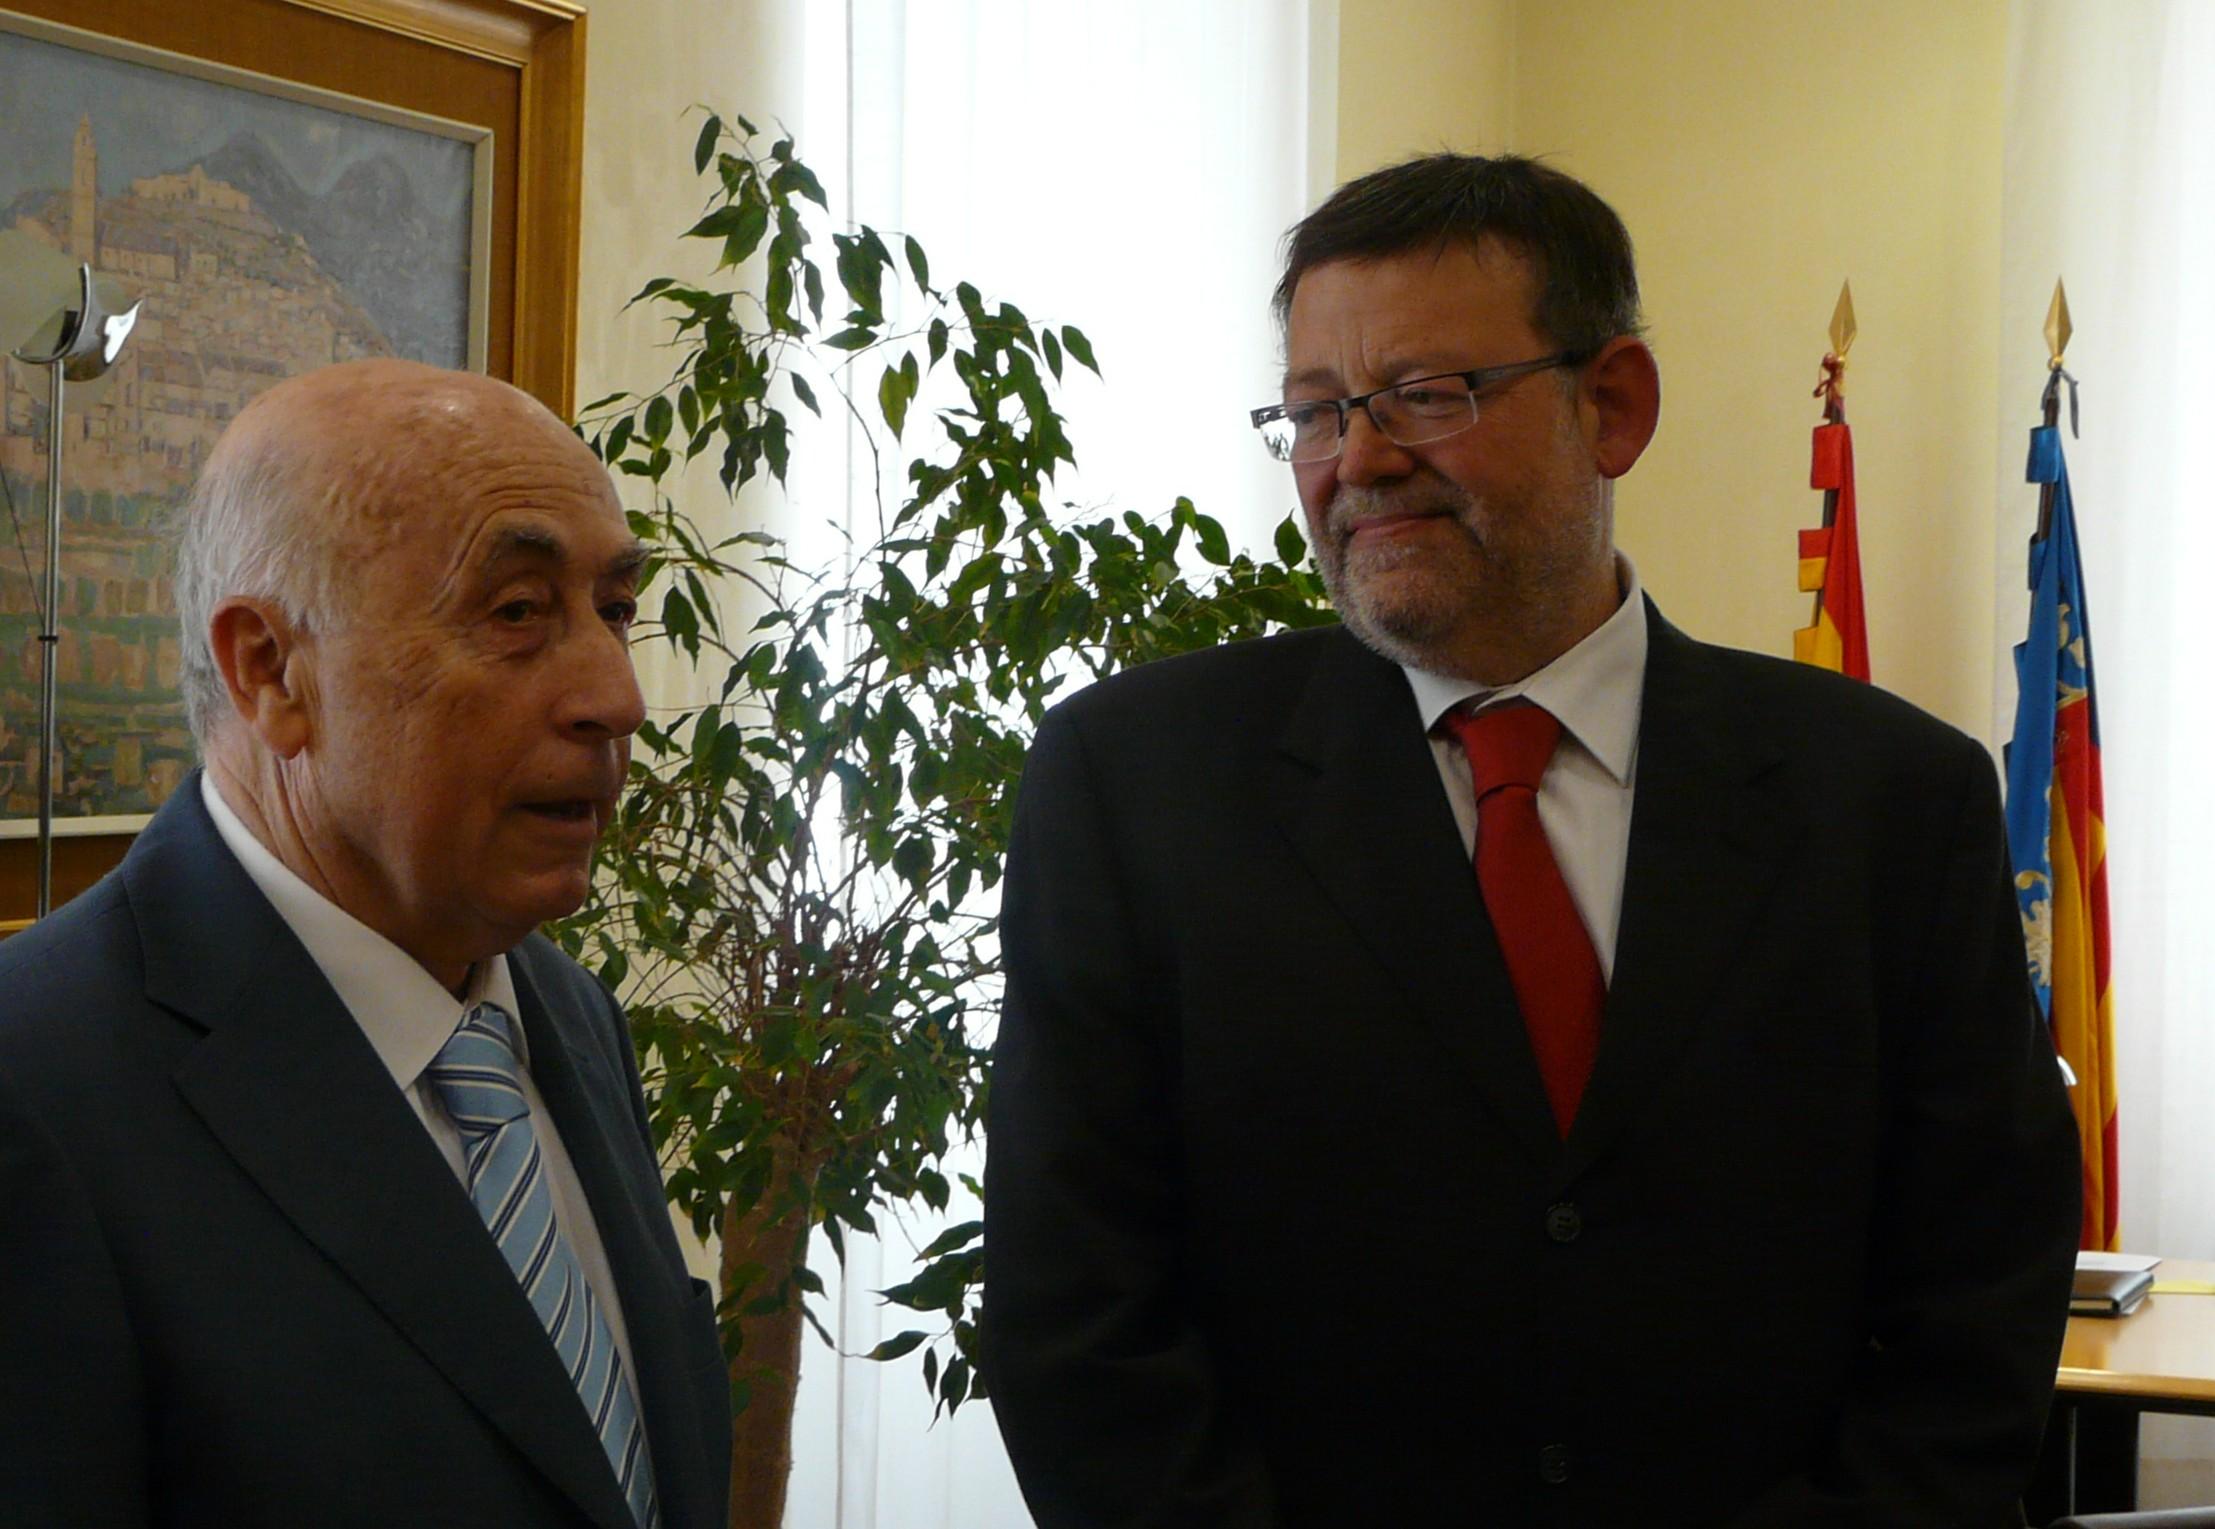 Visita institucional del secretario general del PSPV-PSOE al síndic de greuges